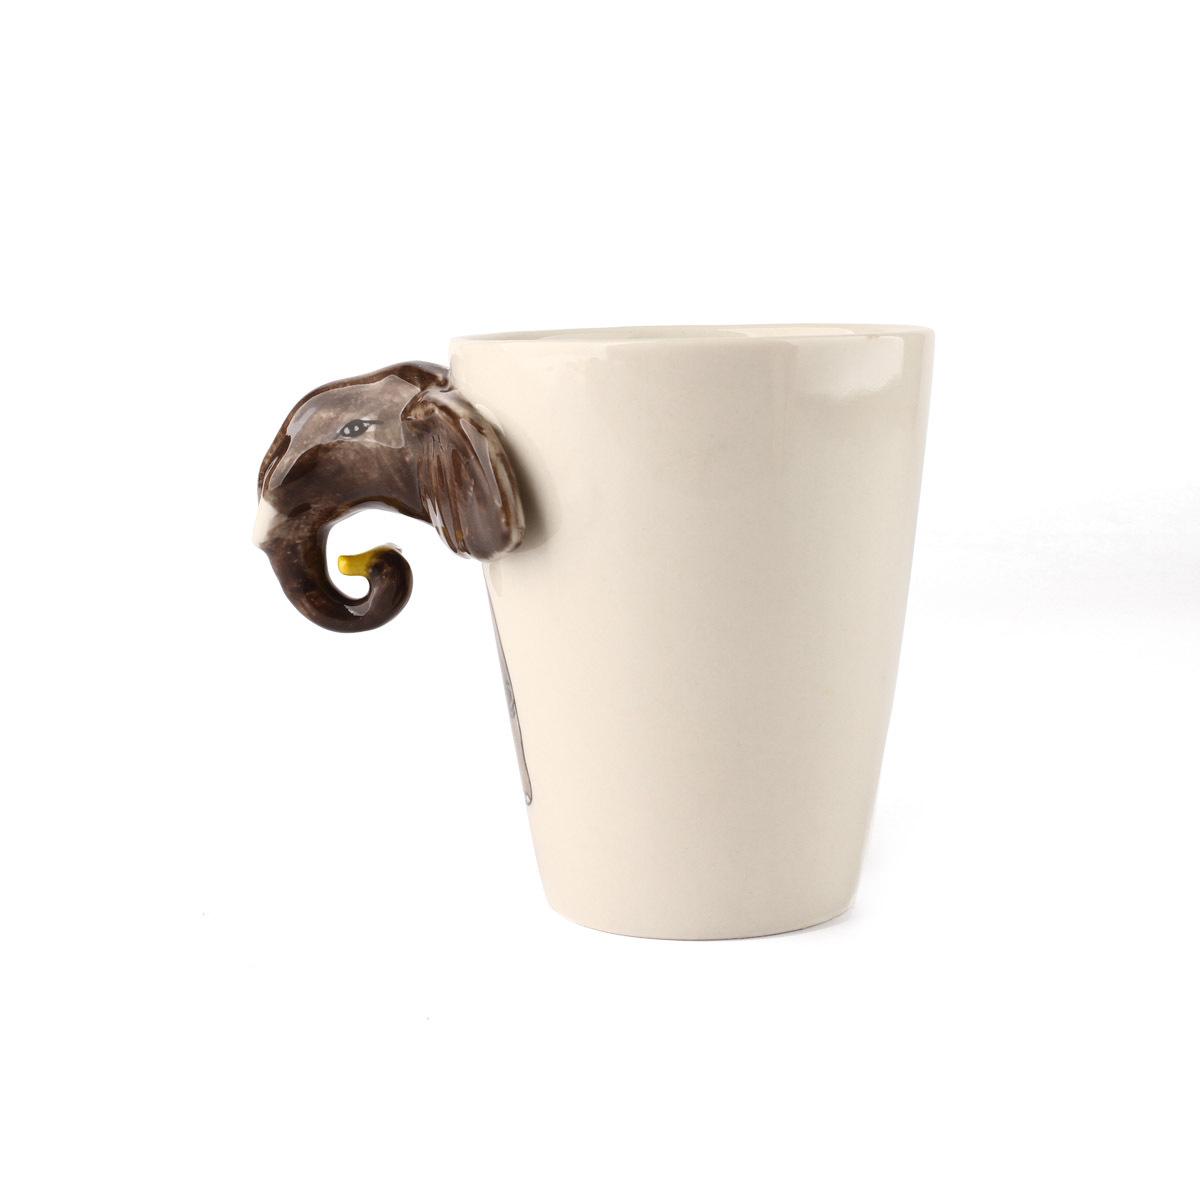 杯子造型都很普通,homee手绘动物系列陶瓷杯非常有趣,设计采用3d动物